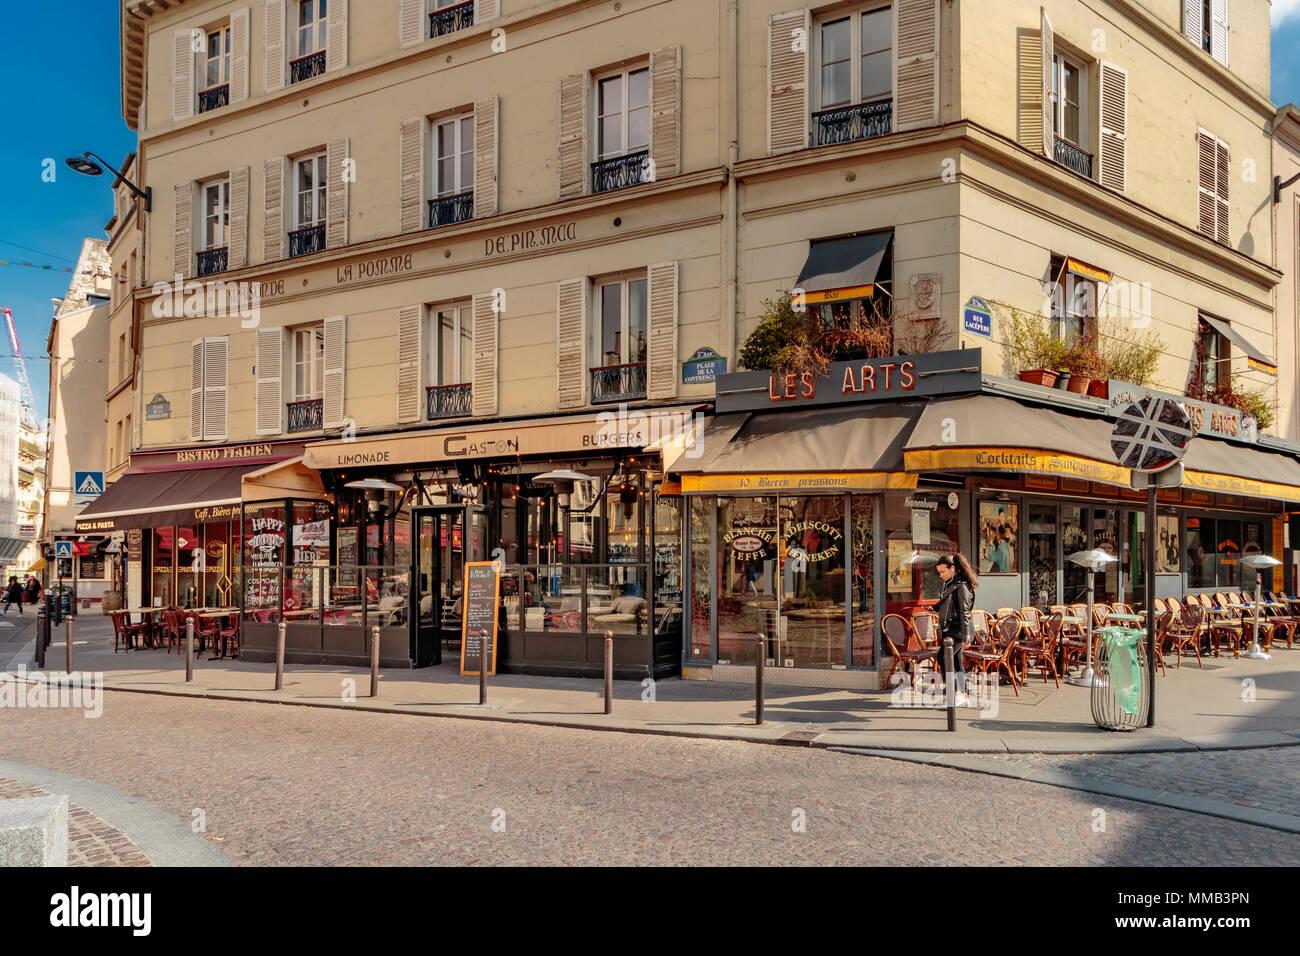 Restaurants and cafes on The Place de la Contrescarpe ,near Rue Mouffetard , Paris , France - Stock Image